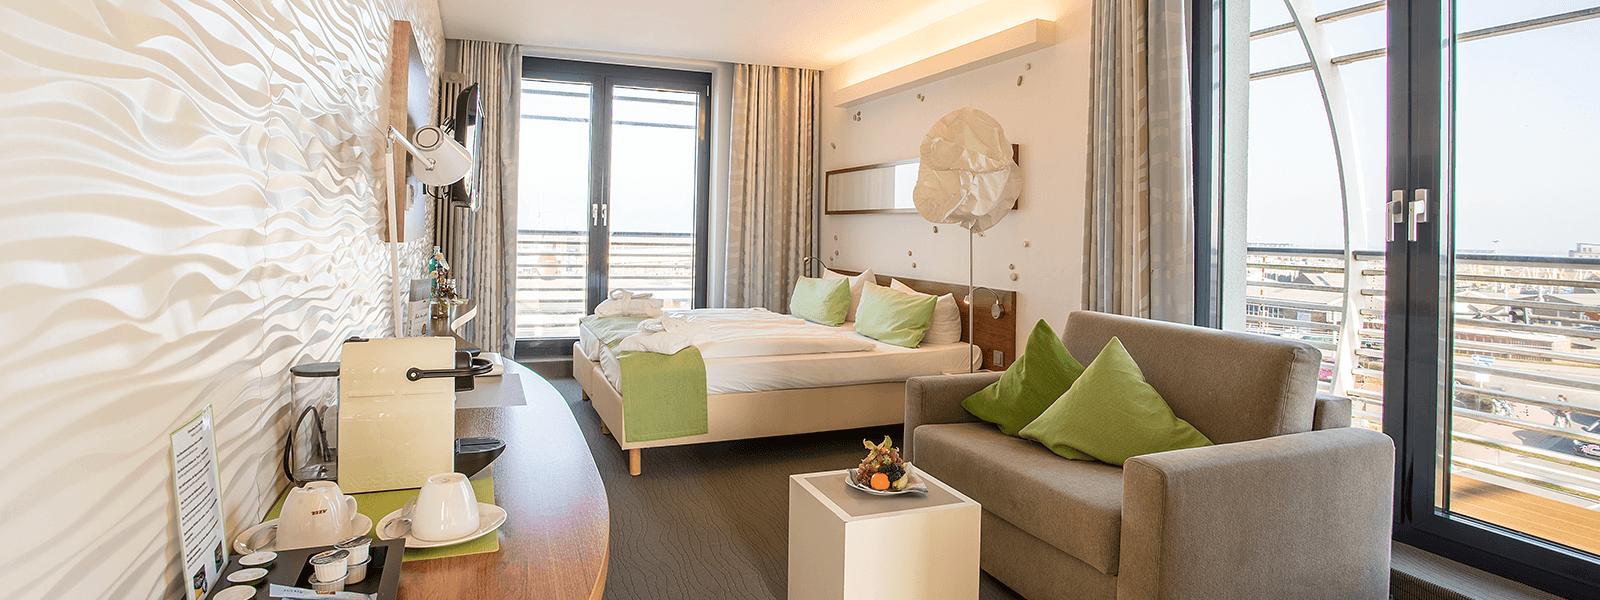 Blick ins Hotelzimmer mit Doppelbett, Couch und Balkon